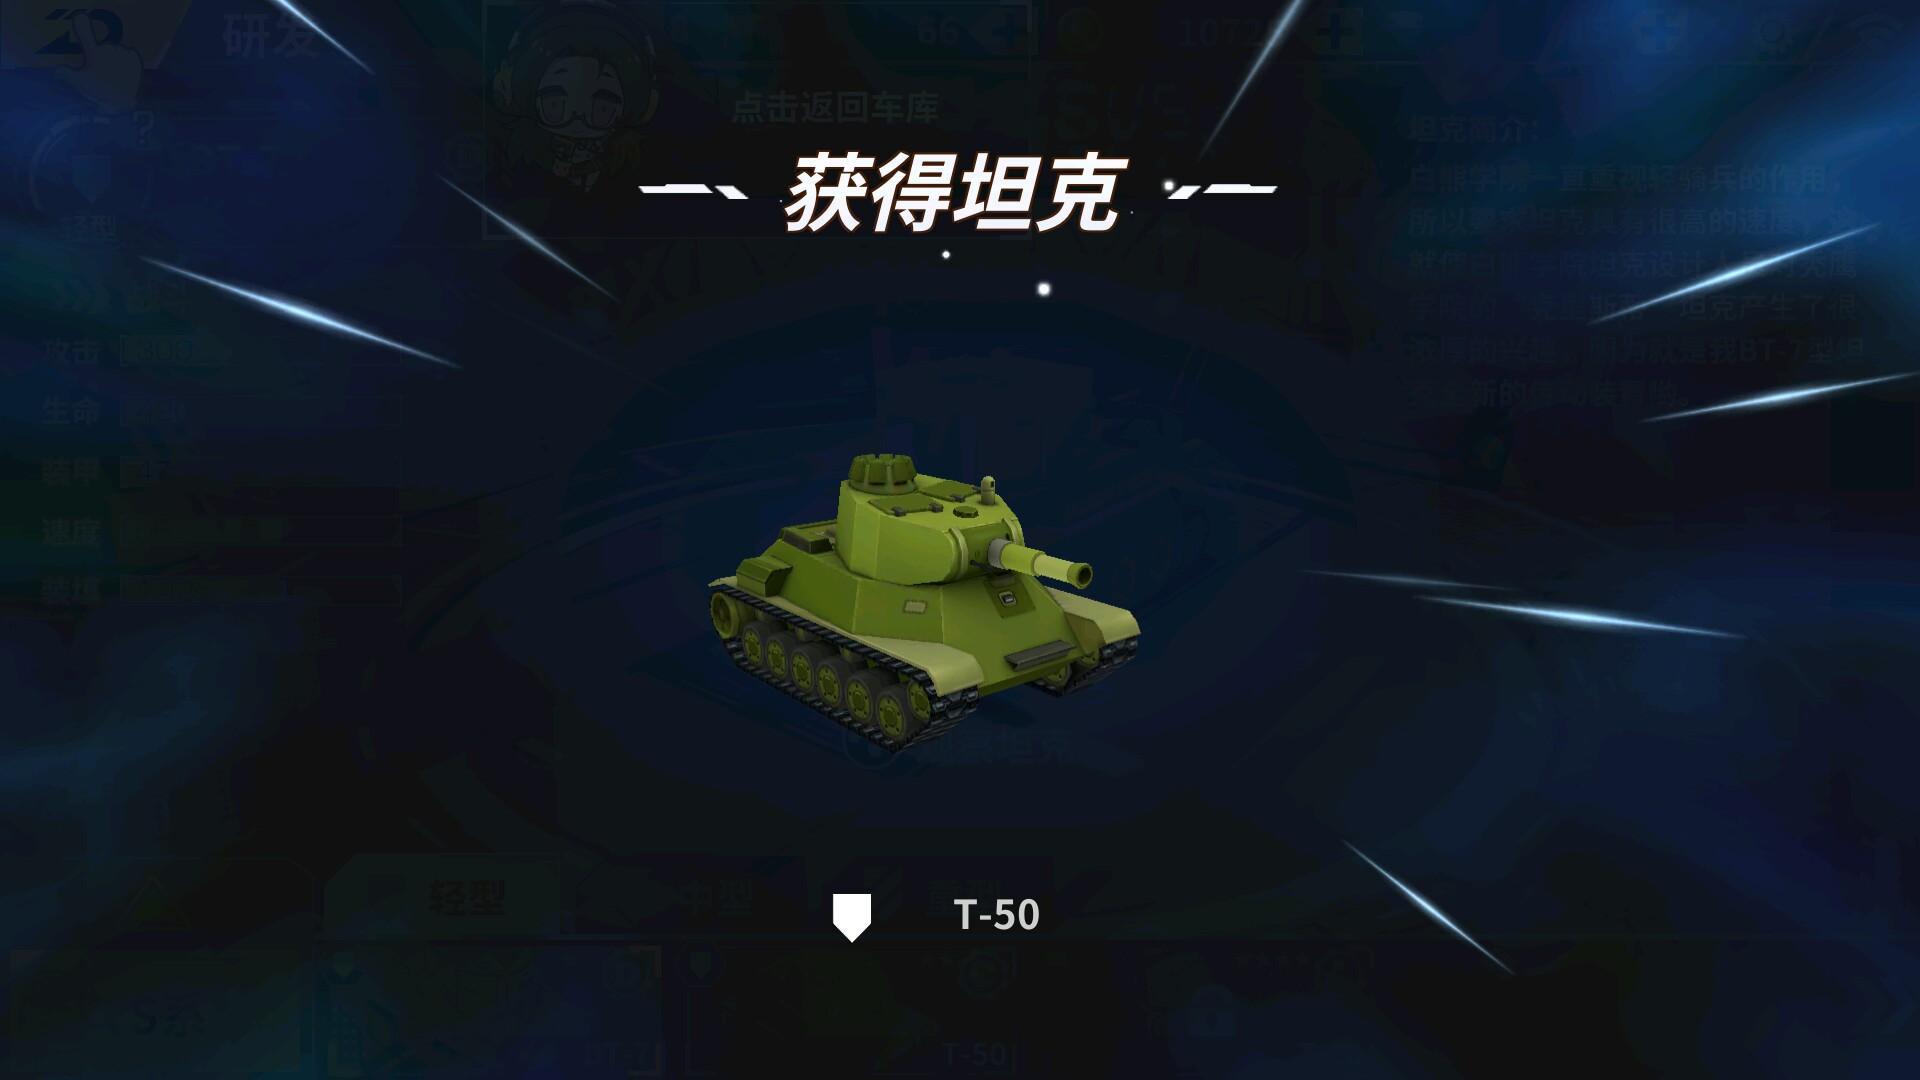 《装甲联盟》游戏截图UI欣赏45